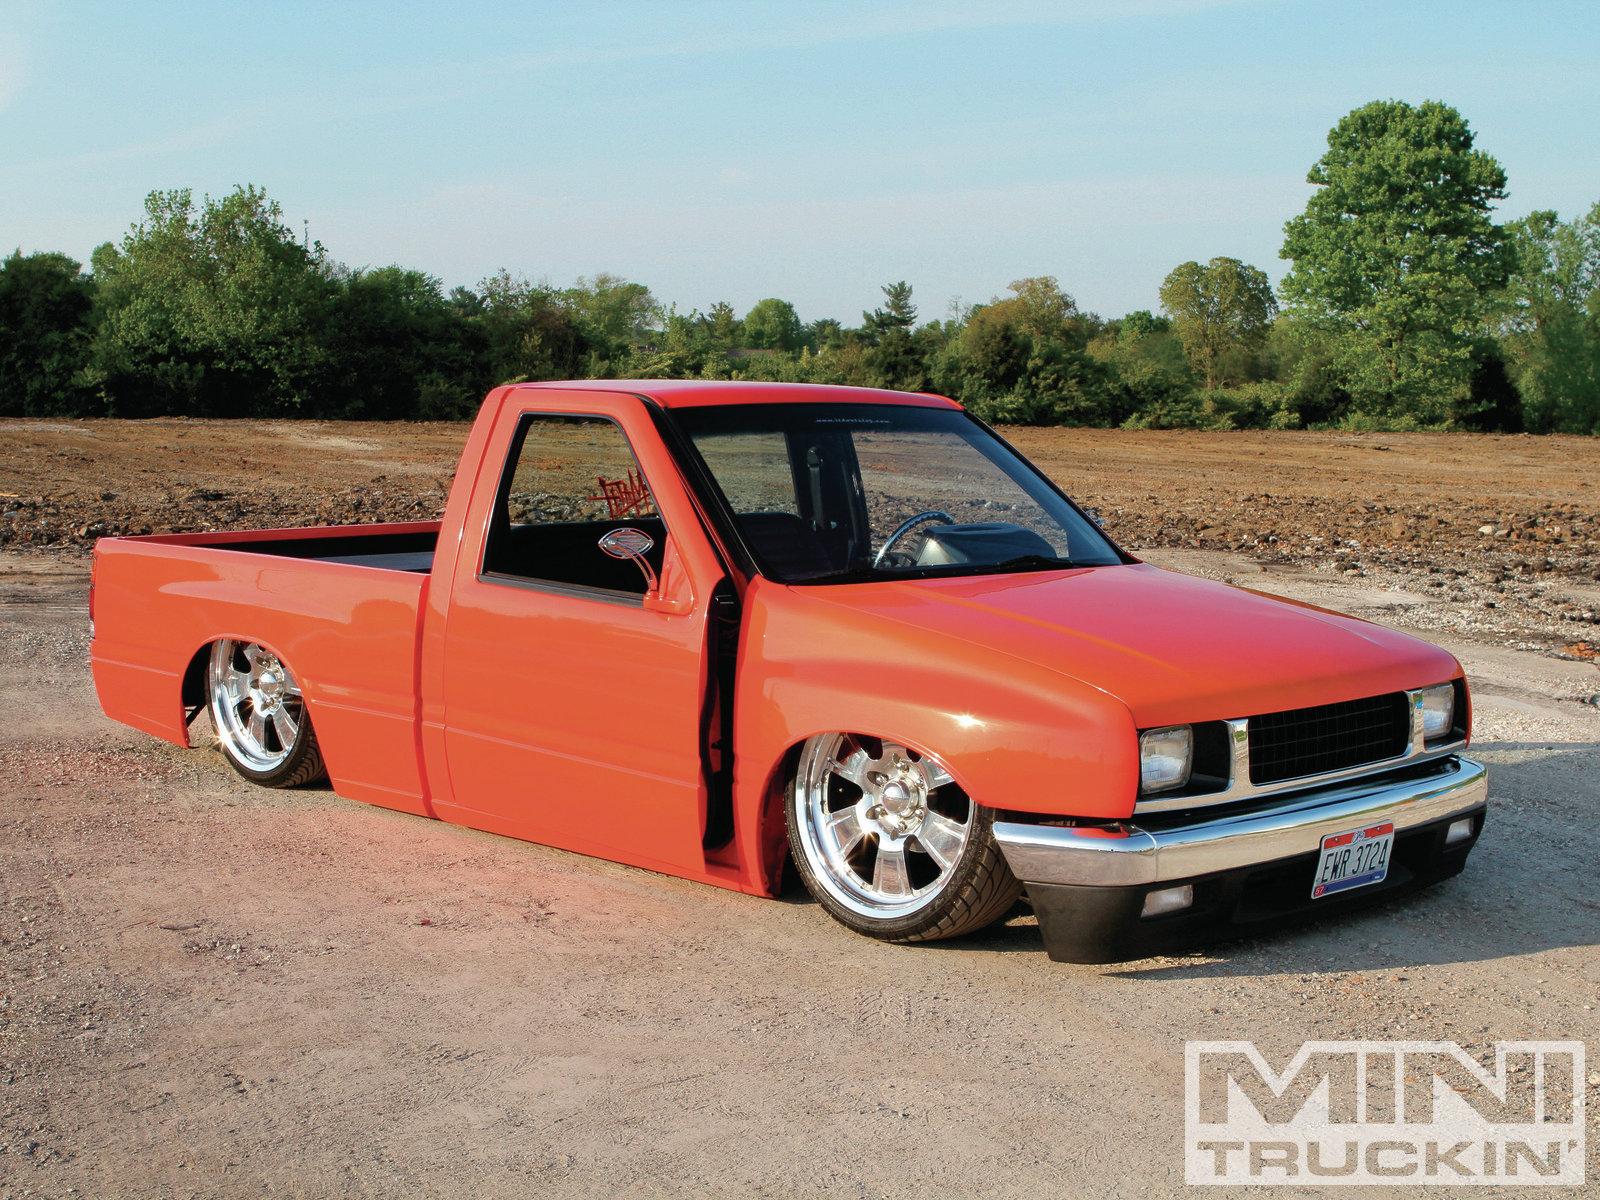 Dundee Truck Beds >> Isuzu Pick Up Truck | Autos Post